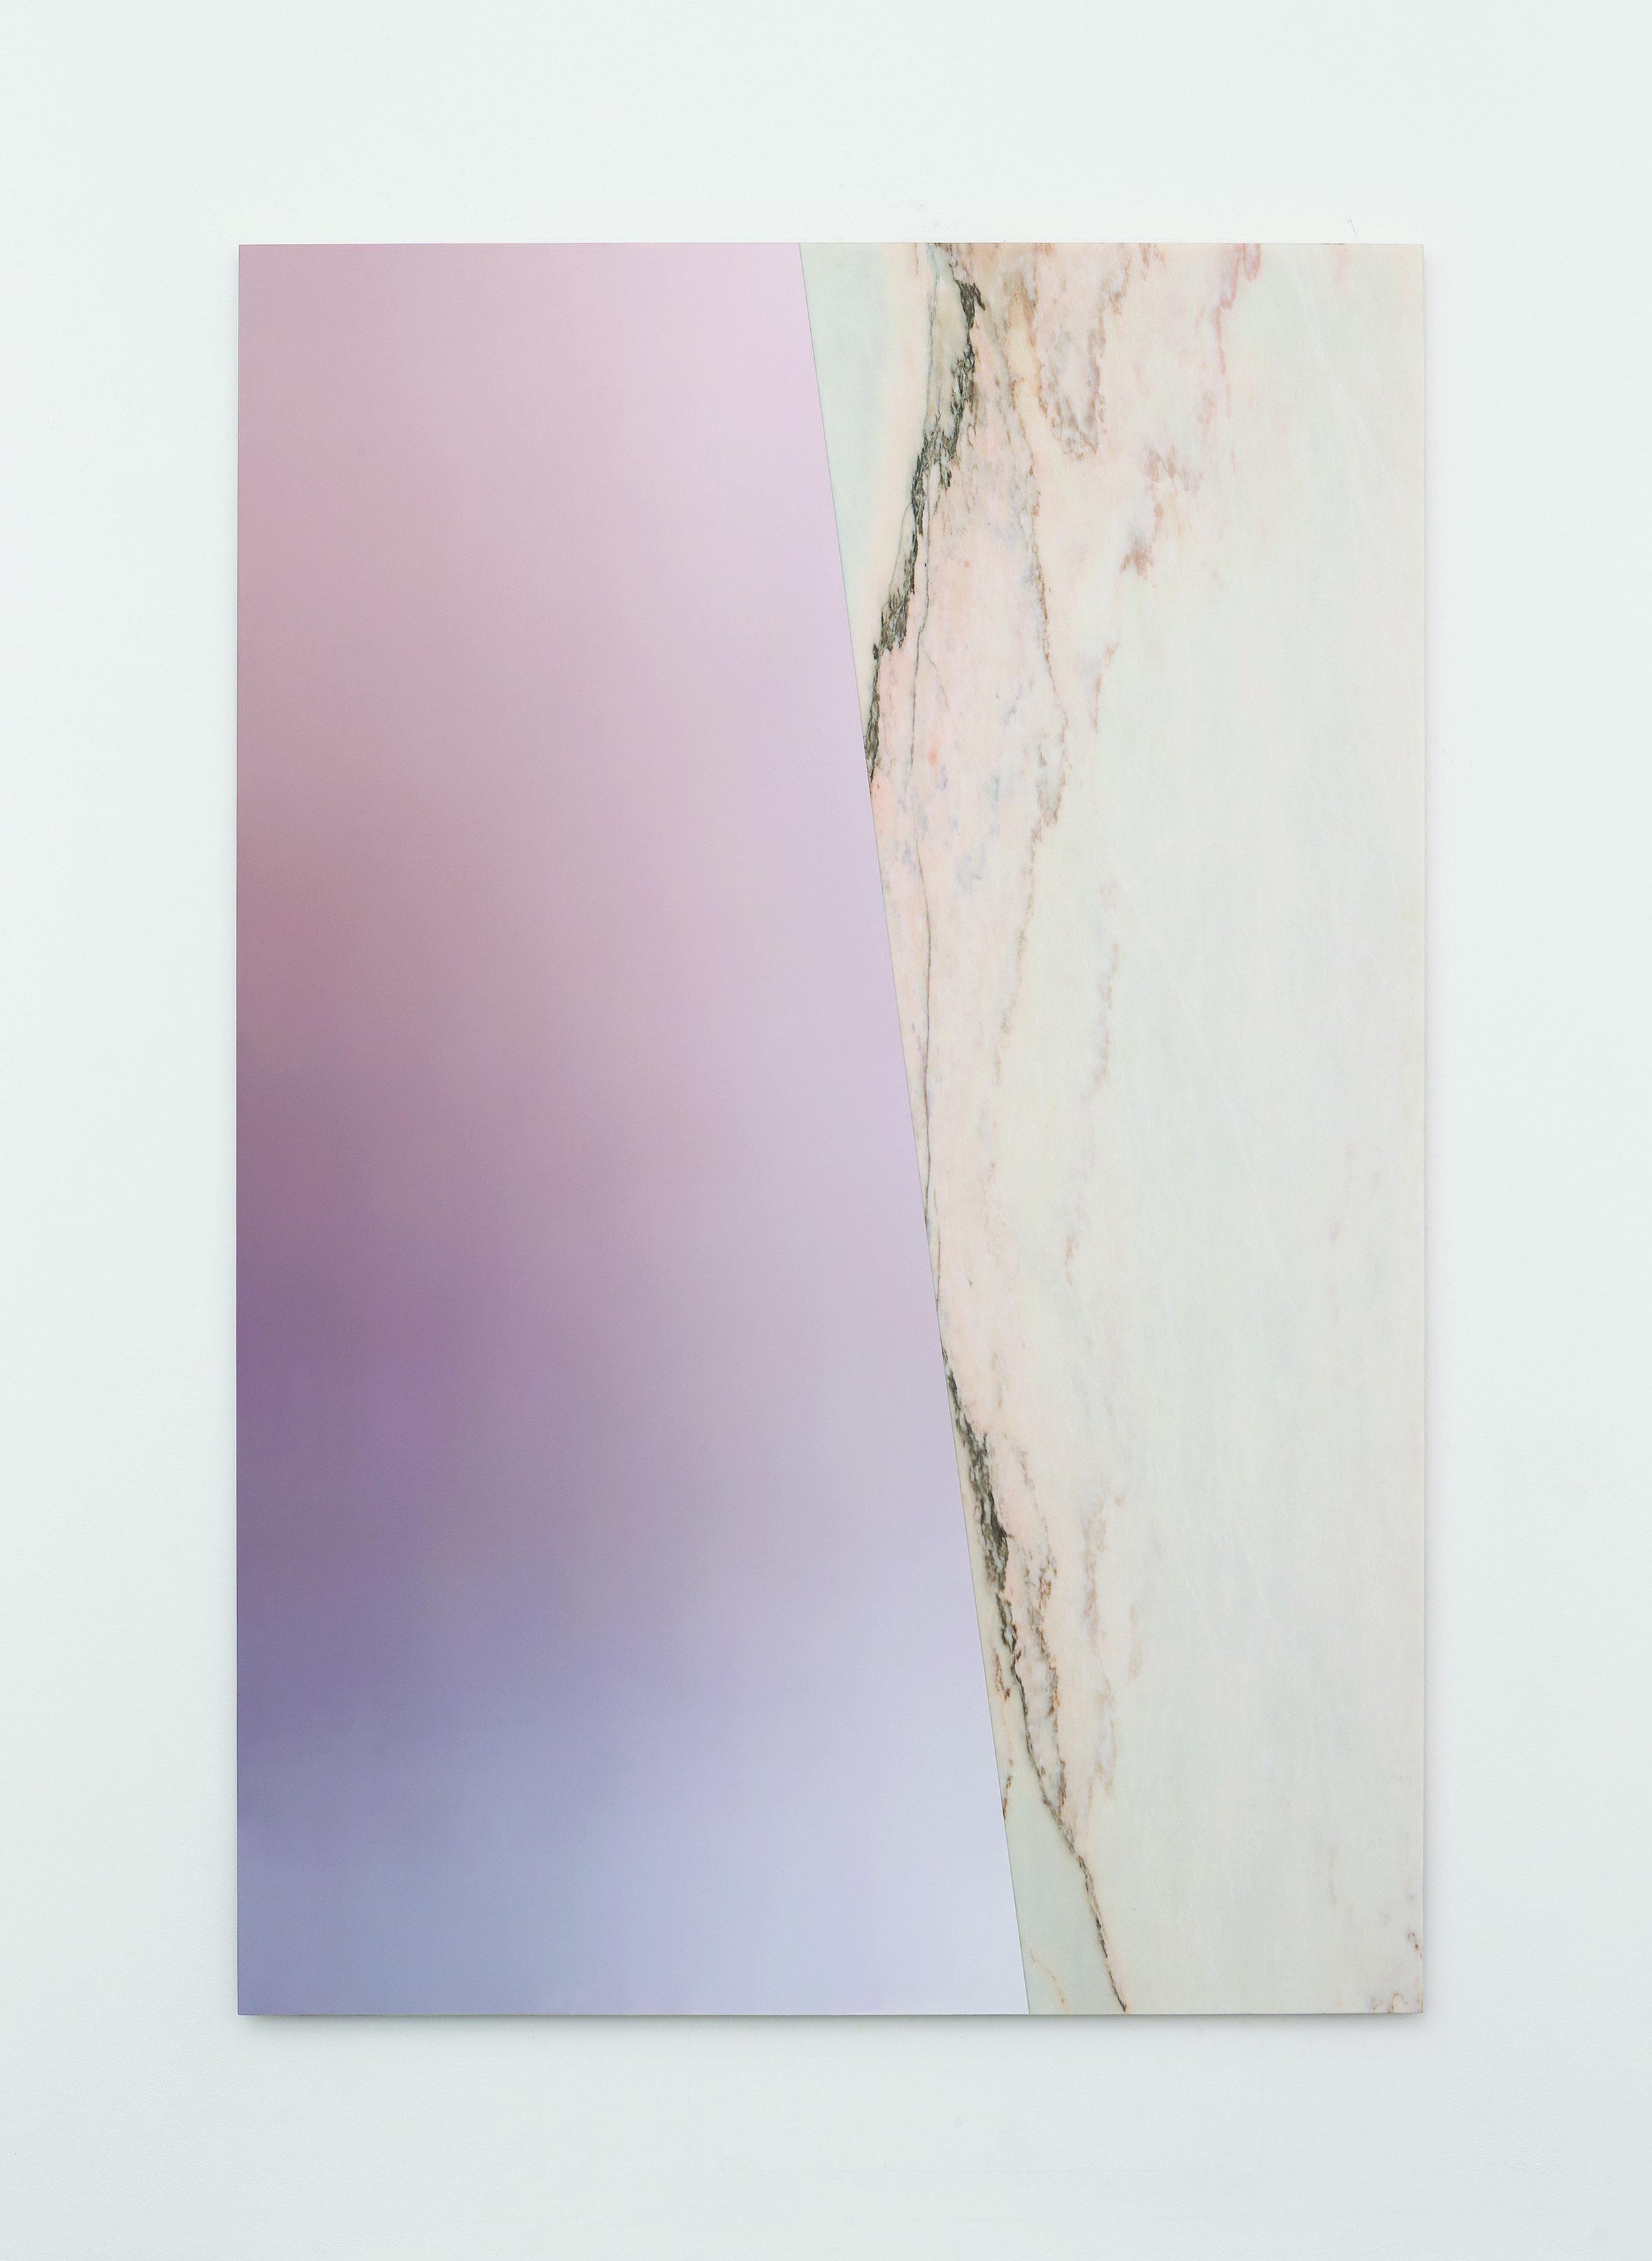 4 - Pieter Vermeersch at Perrotin Paris copia